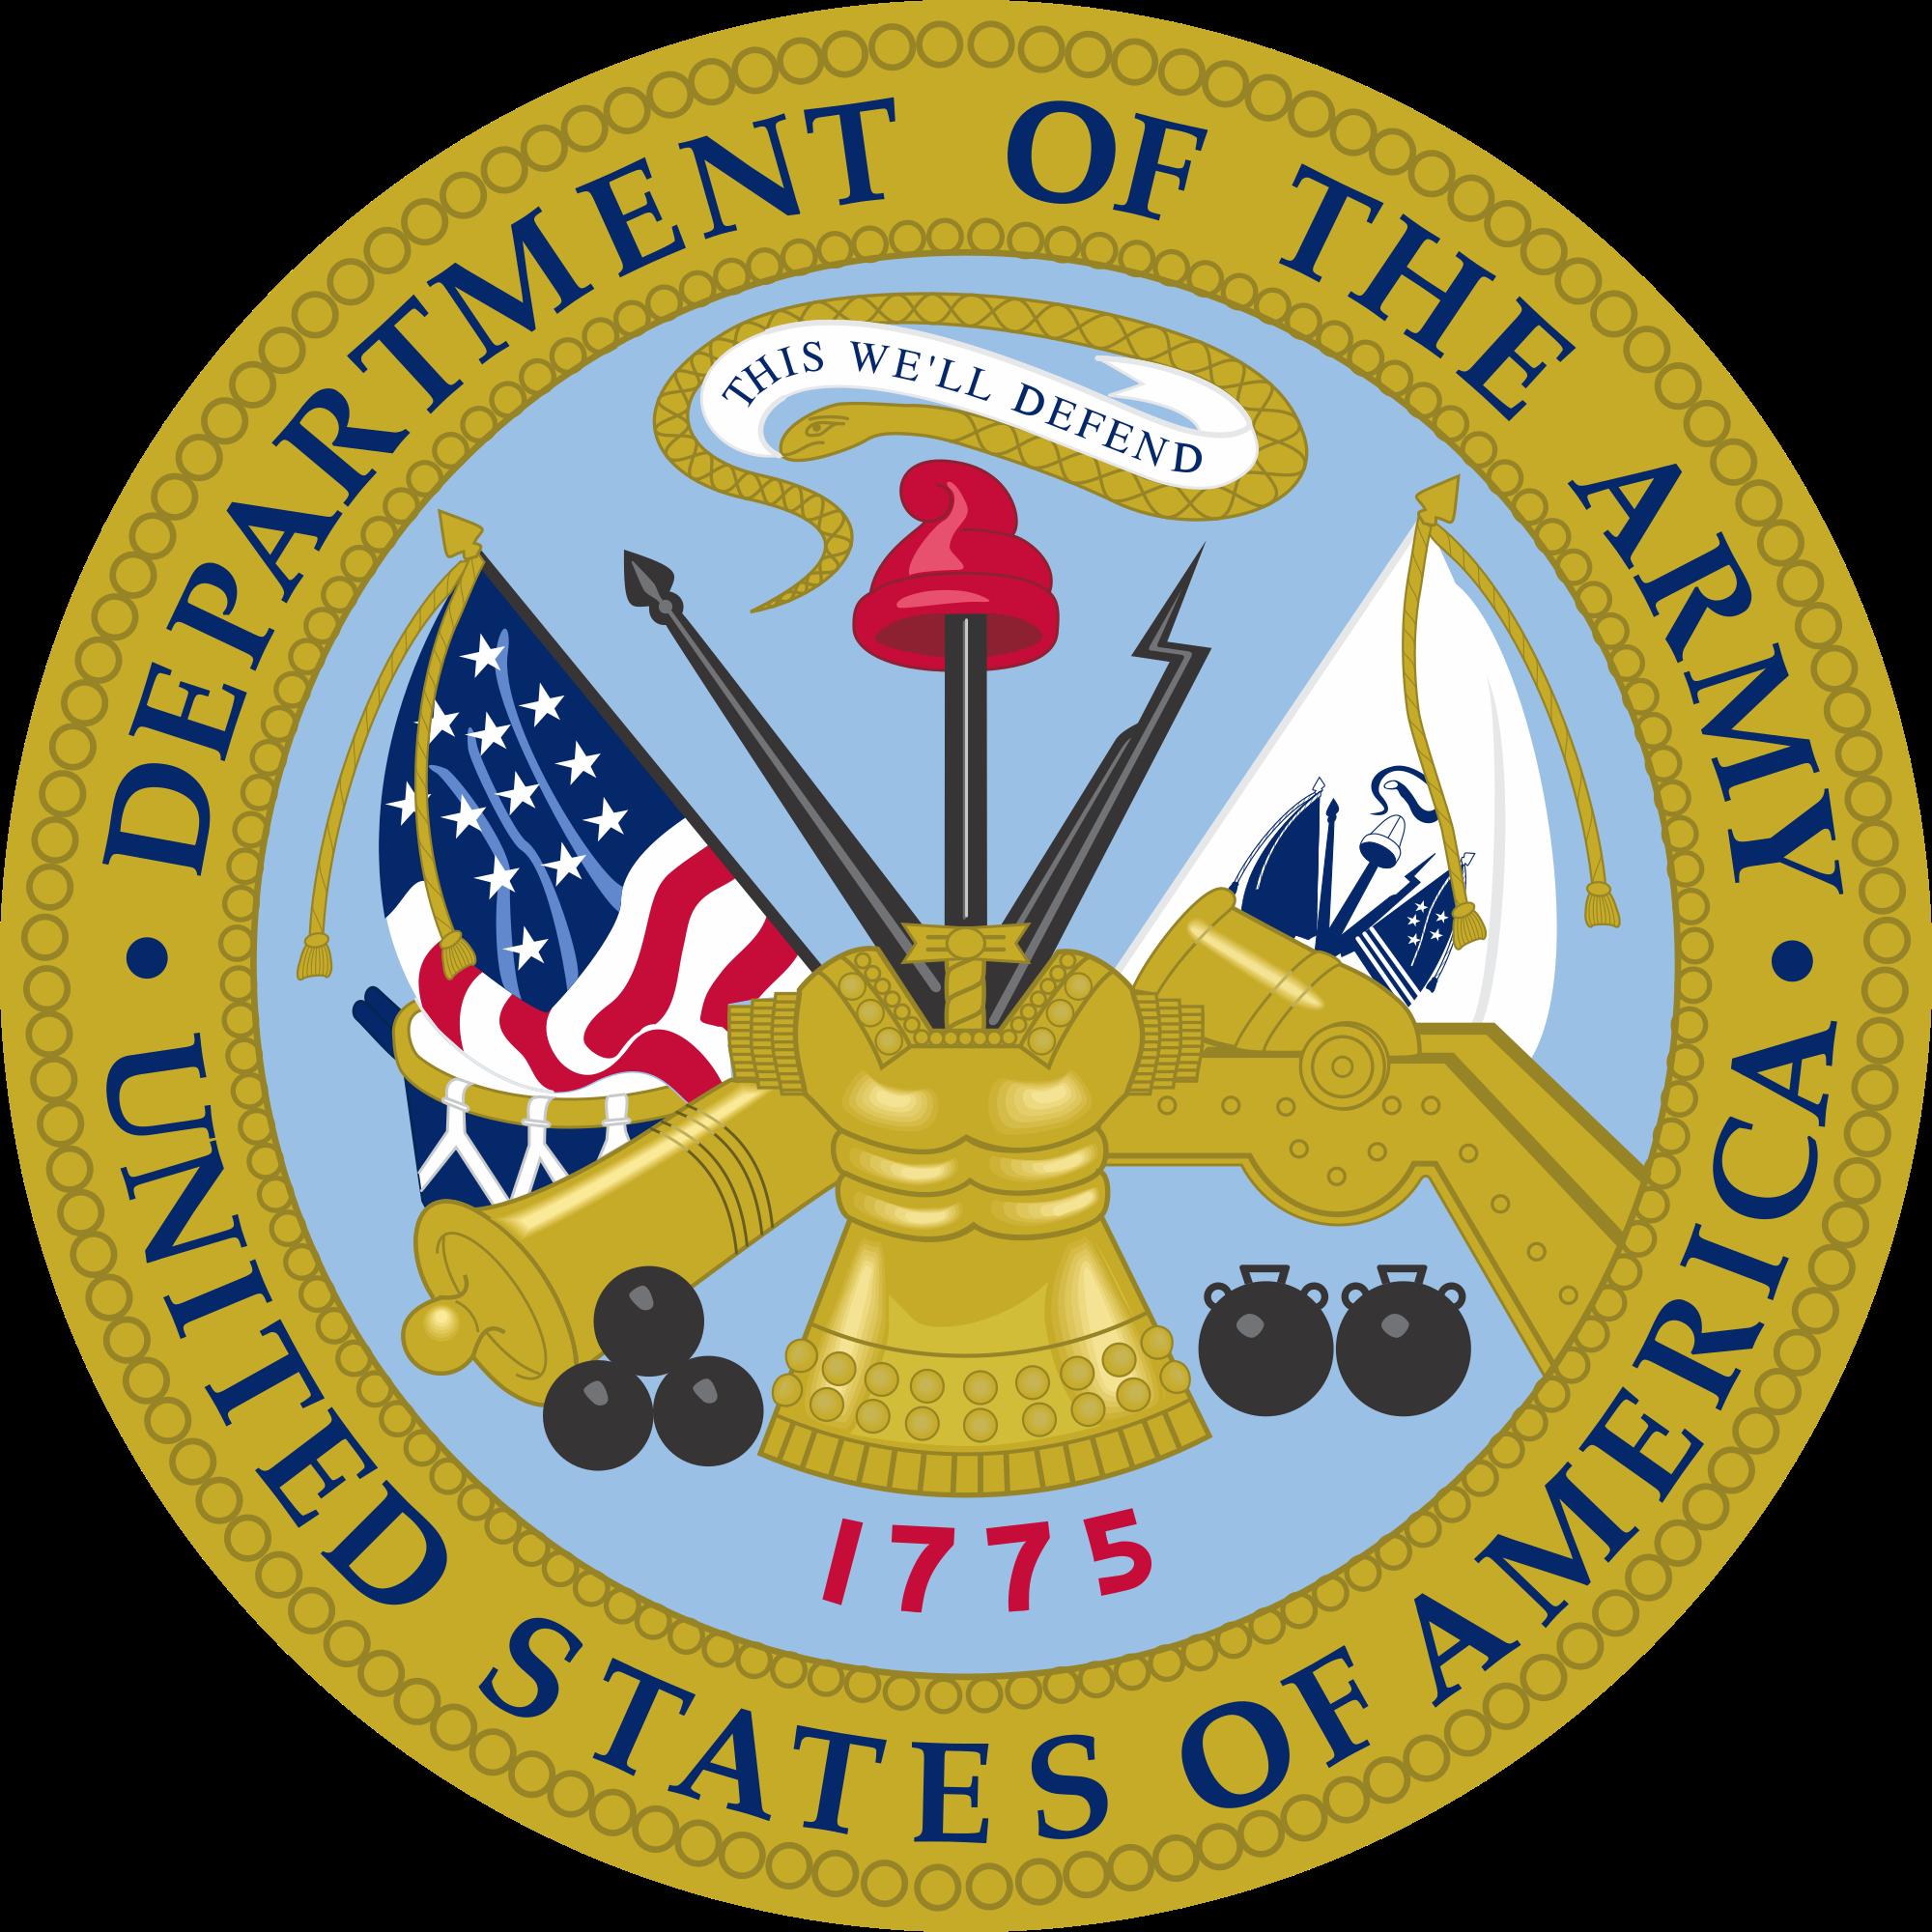 clipart transparent Vector emblem vintage military. Unique of the united